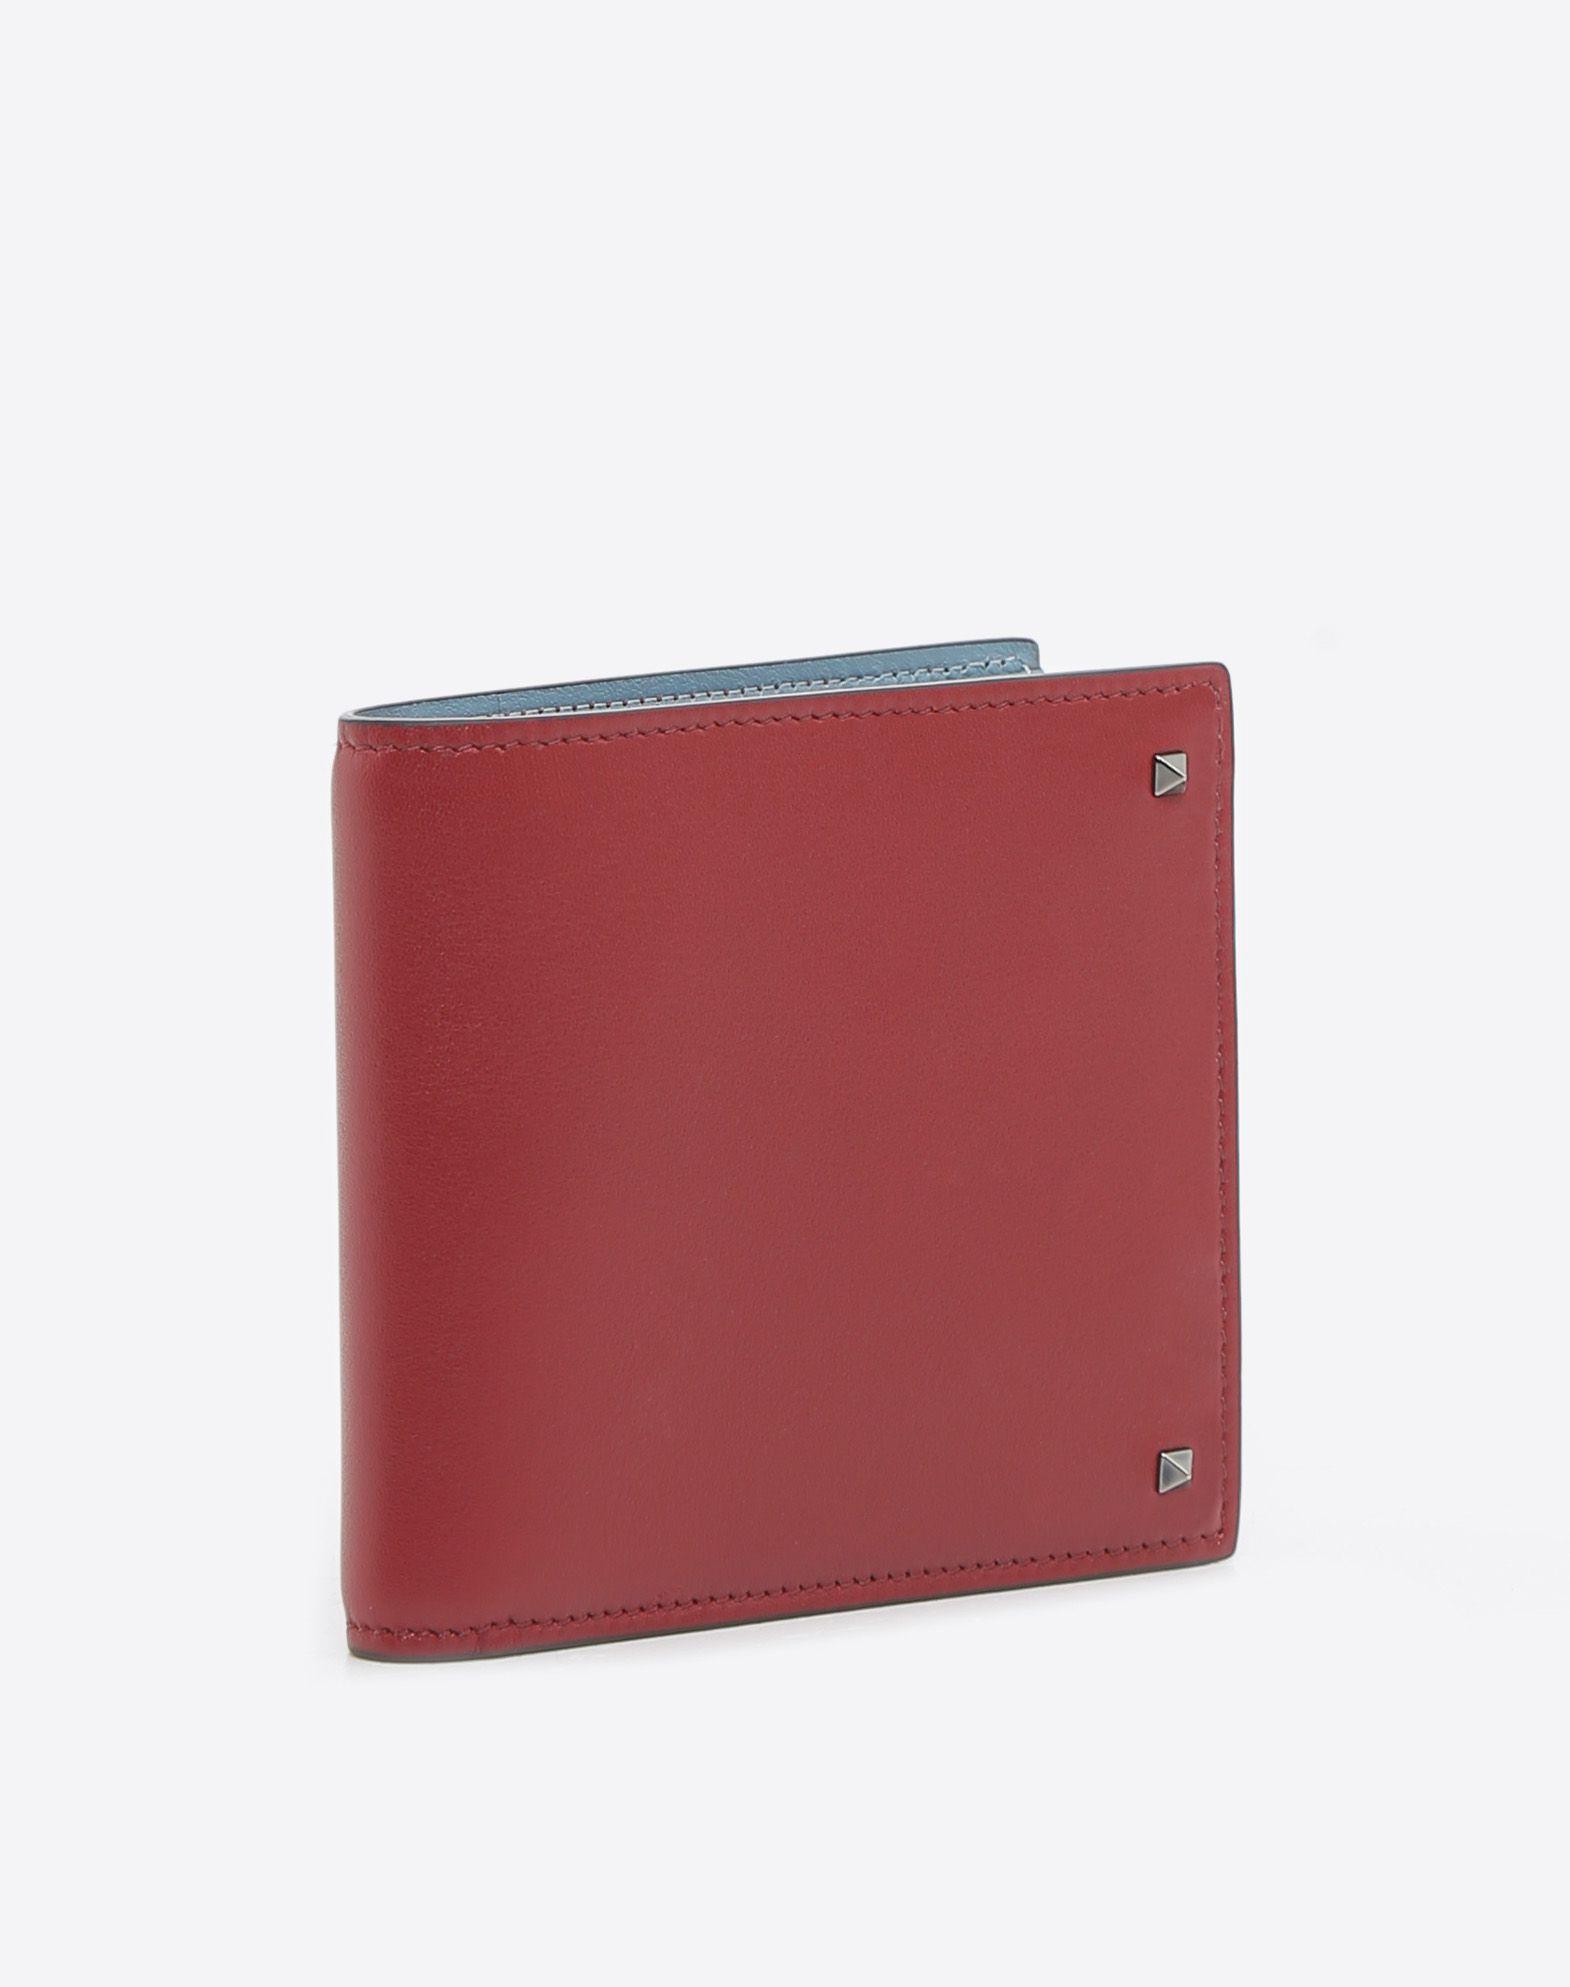 VALENTINO GARAVANI UOMO Rockstud Billfold Wallet COMPACT WALLETS U r